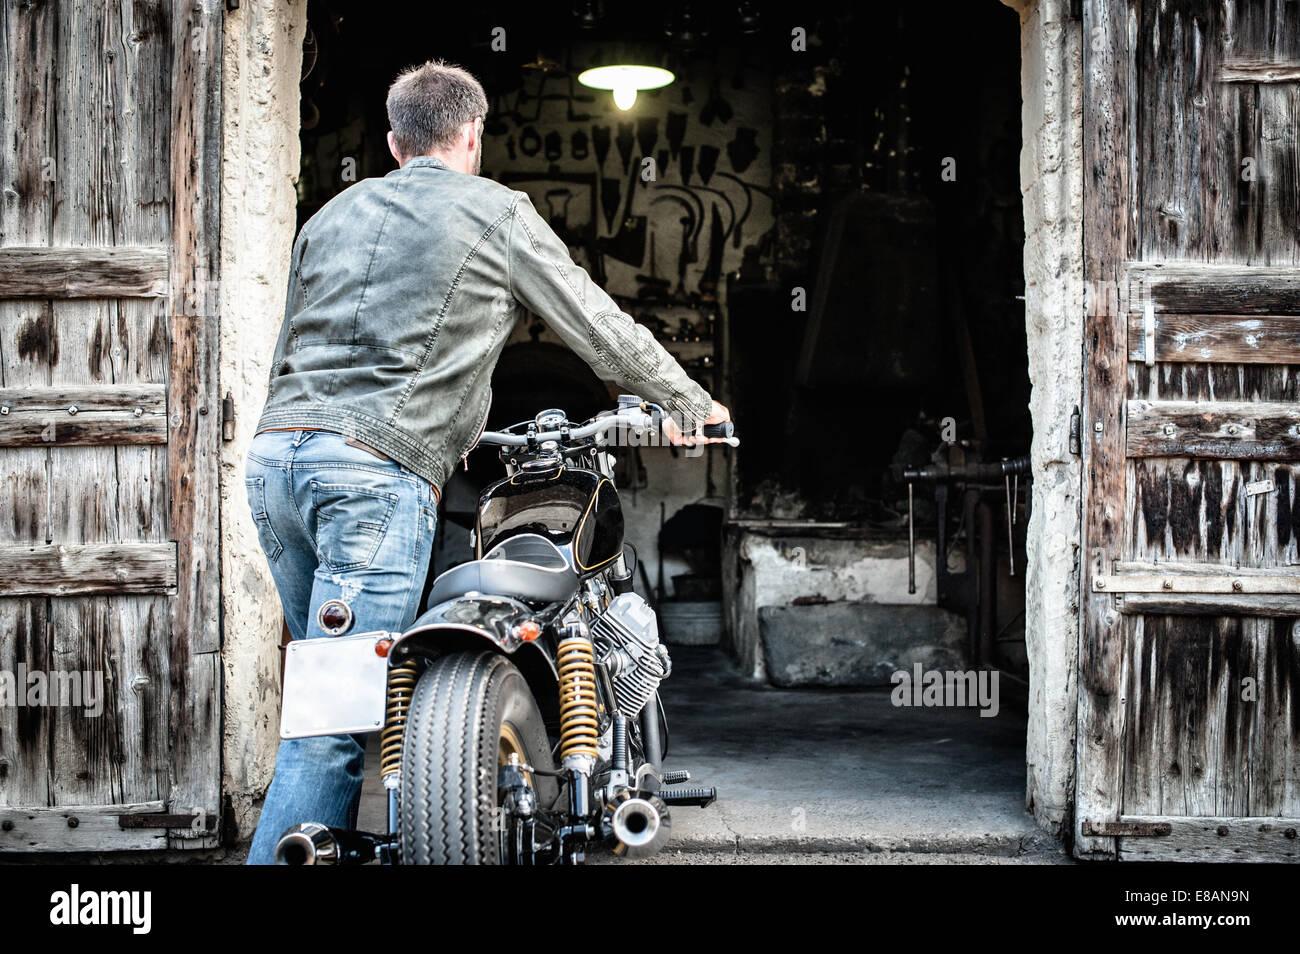 Metà uomo adulto spingendo motociclo nel fienile Immagini Stock